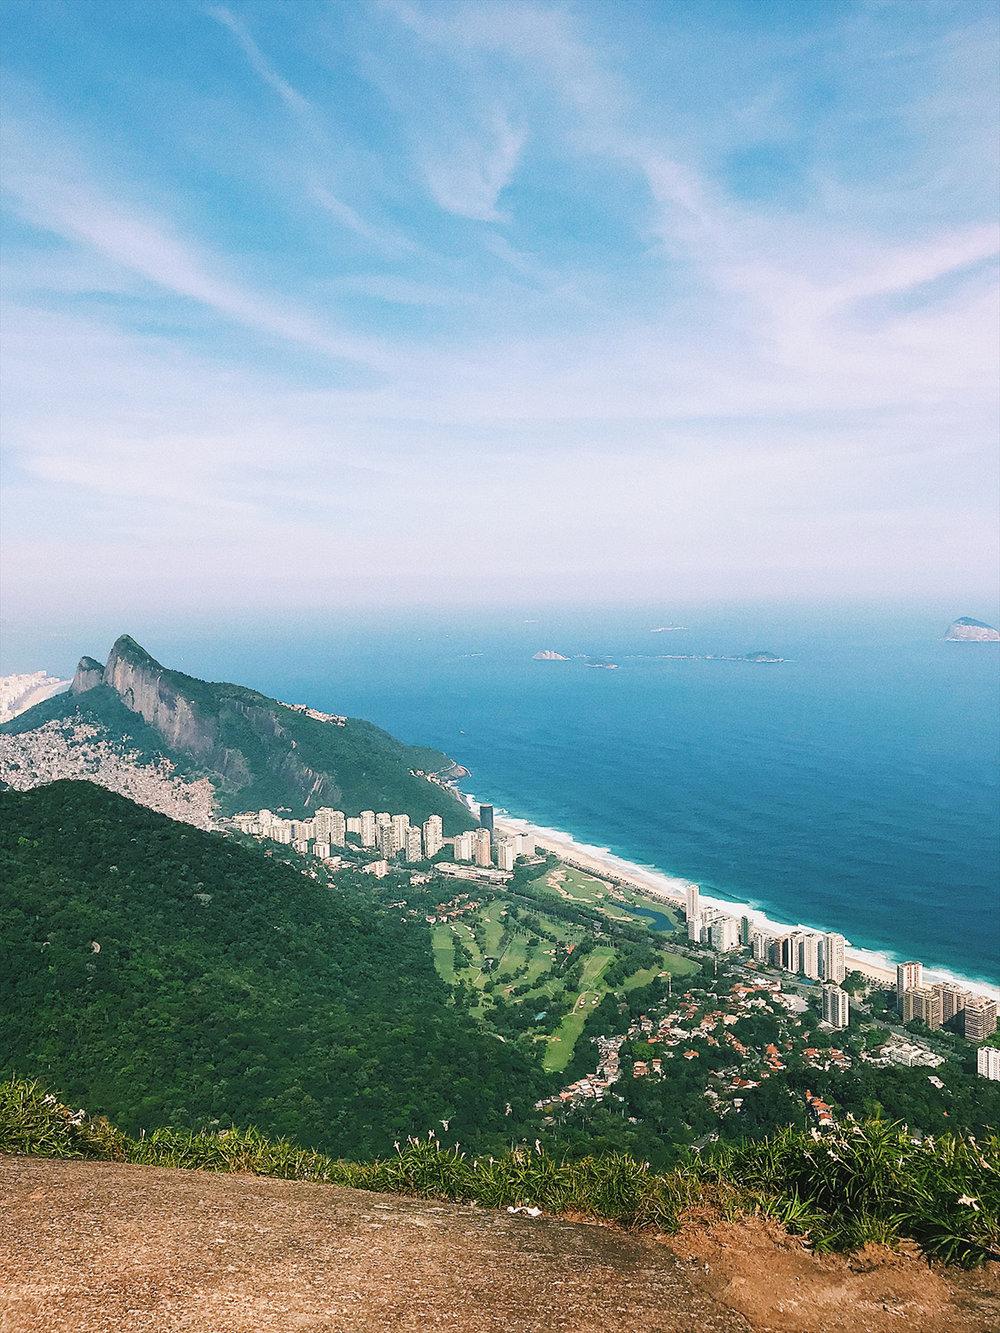 TRILHA-PEDRA-BONITA-RIO-11.jpg